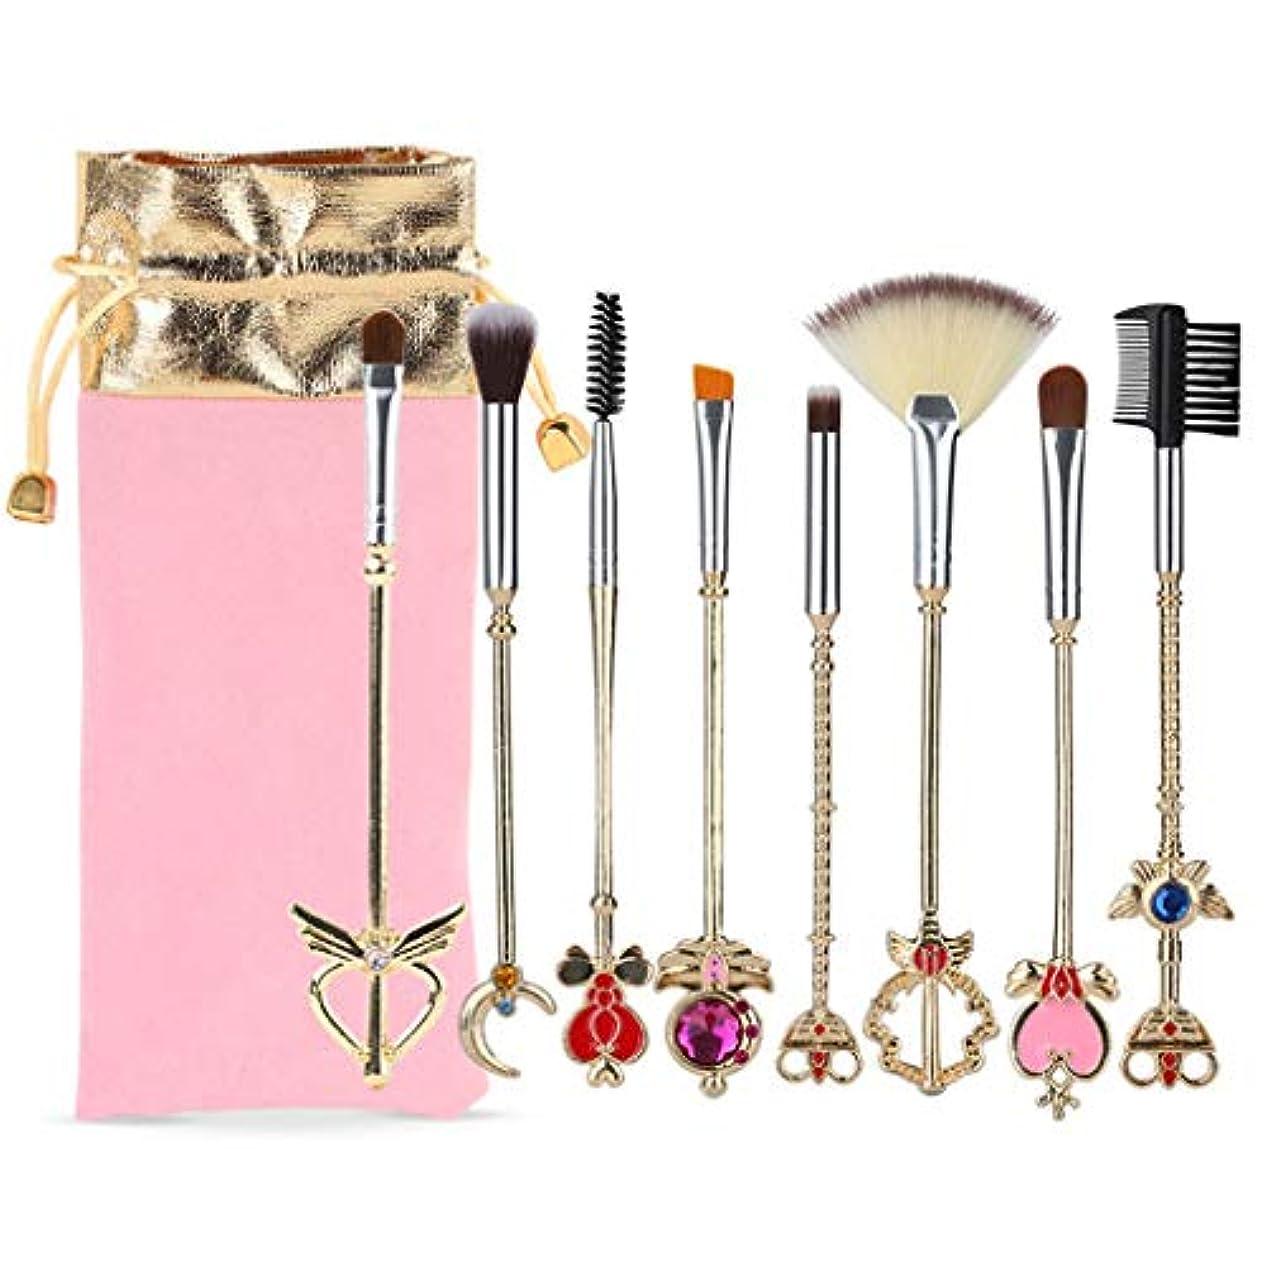 広告主紛争砂の8化粧ブラシ美容ツールアメージング桜化粧ブラシ